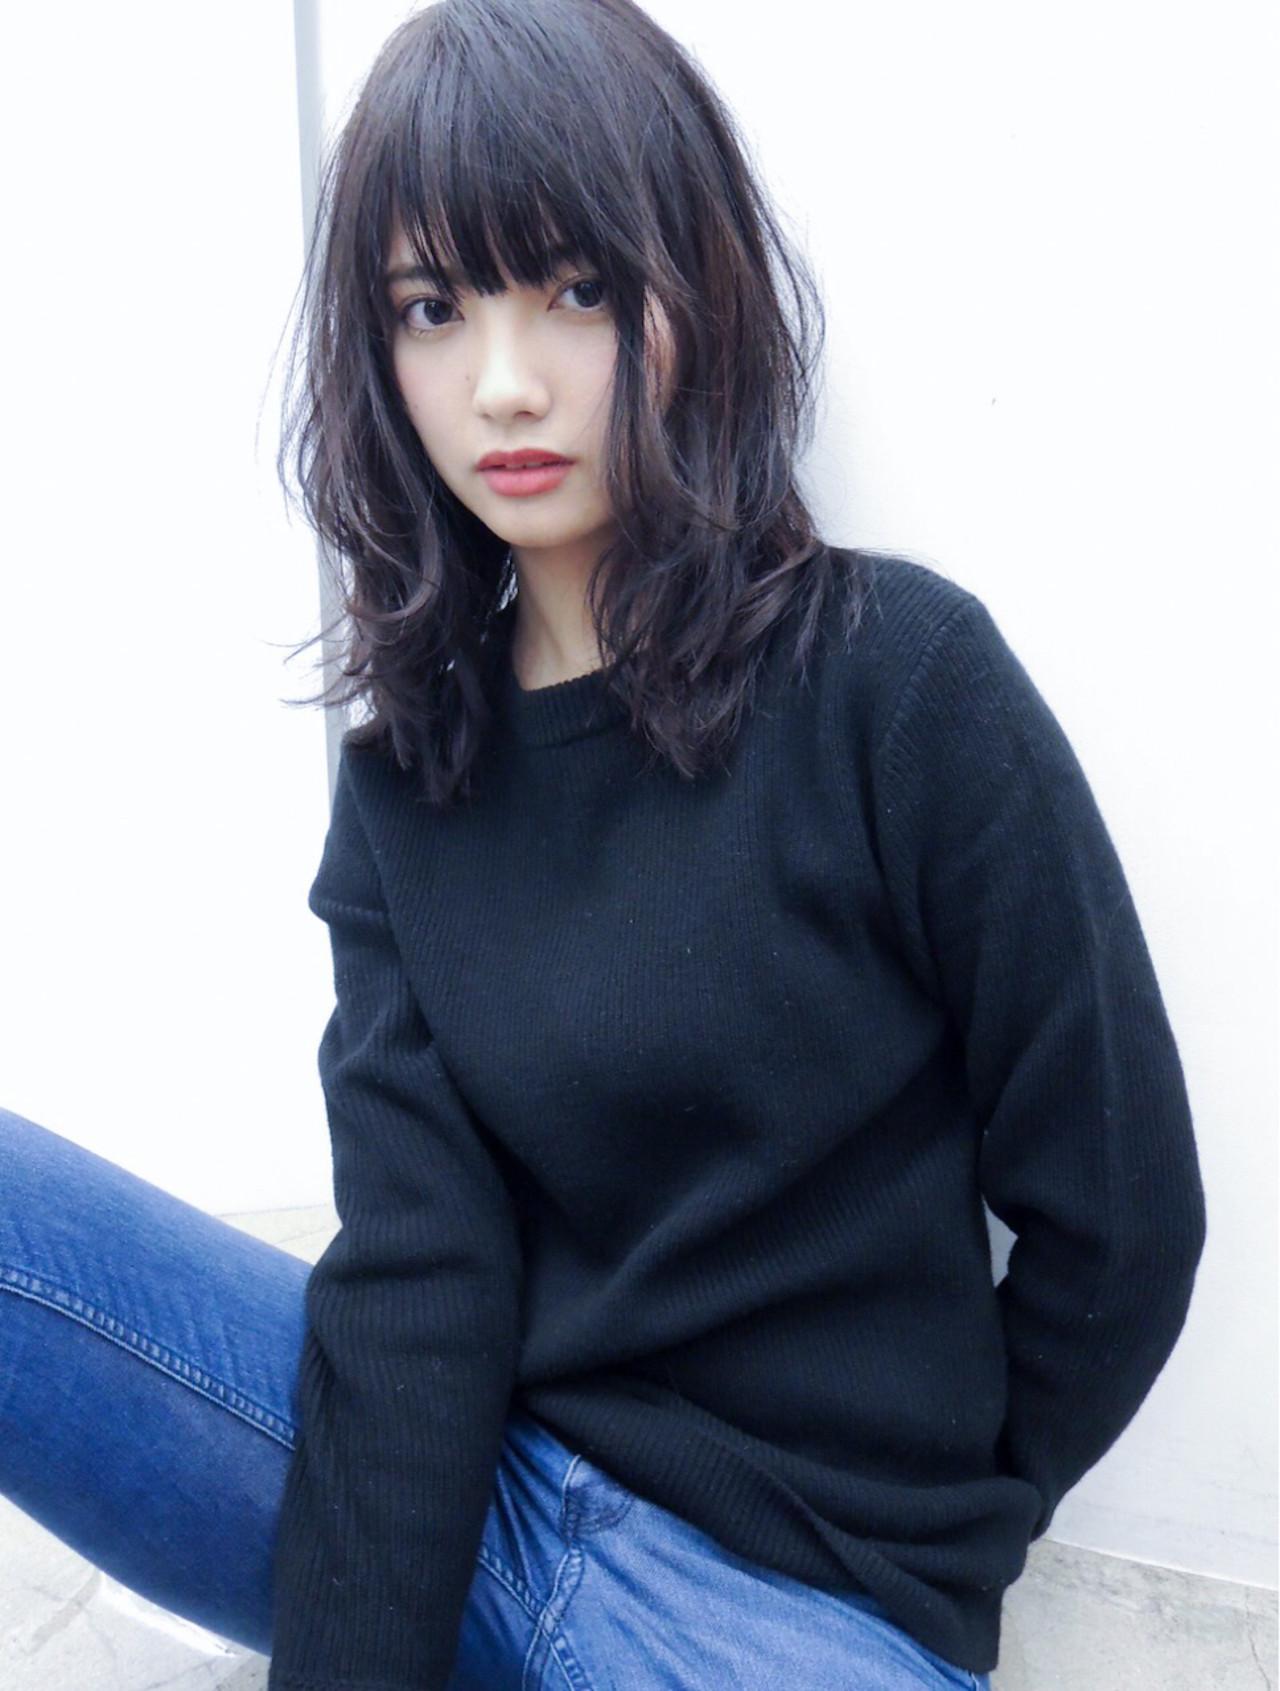 黒髪でも重く見えないミディアムスタイル7選 吉川 ミチオ